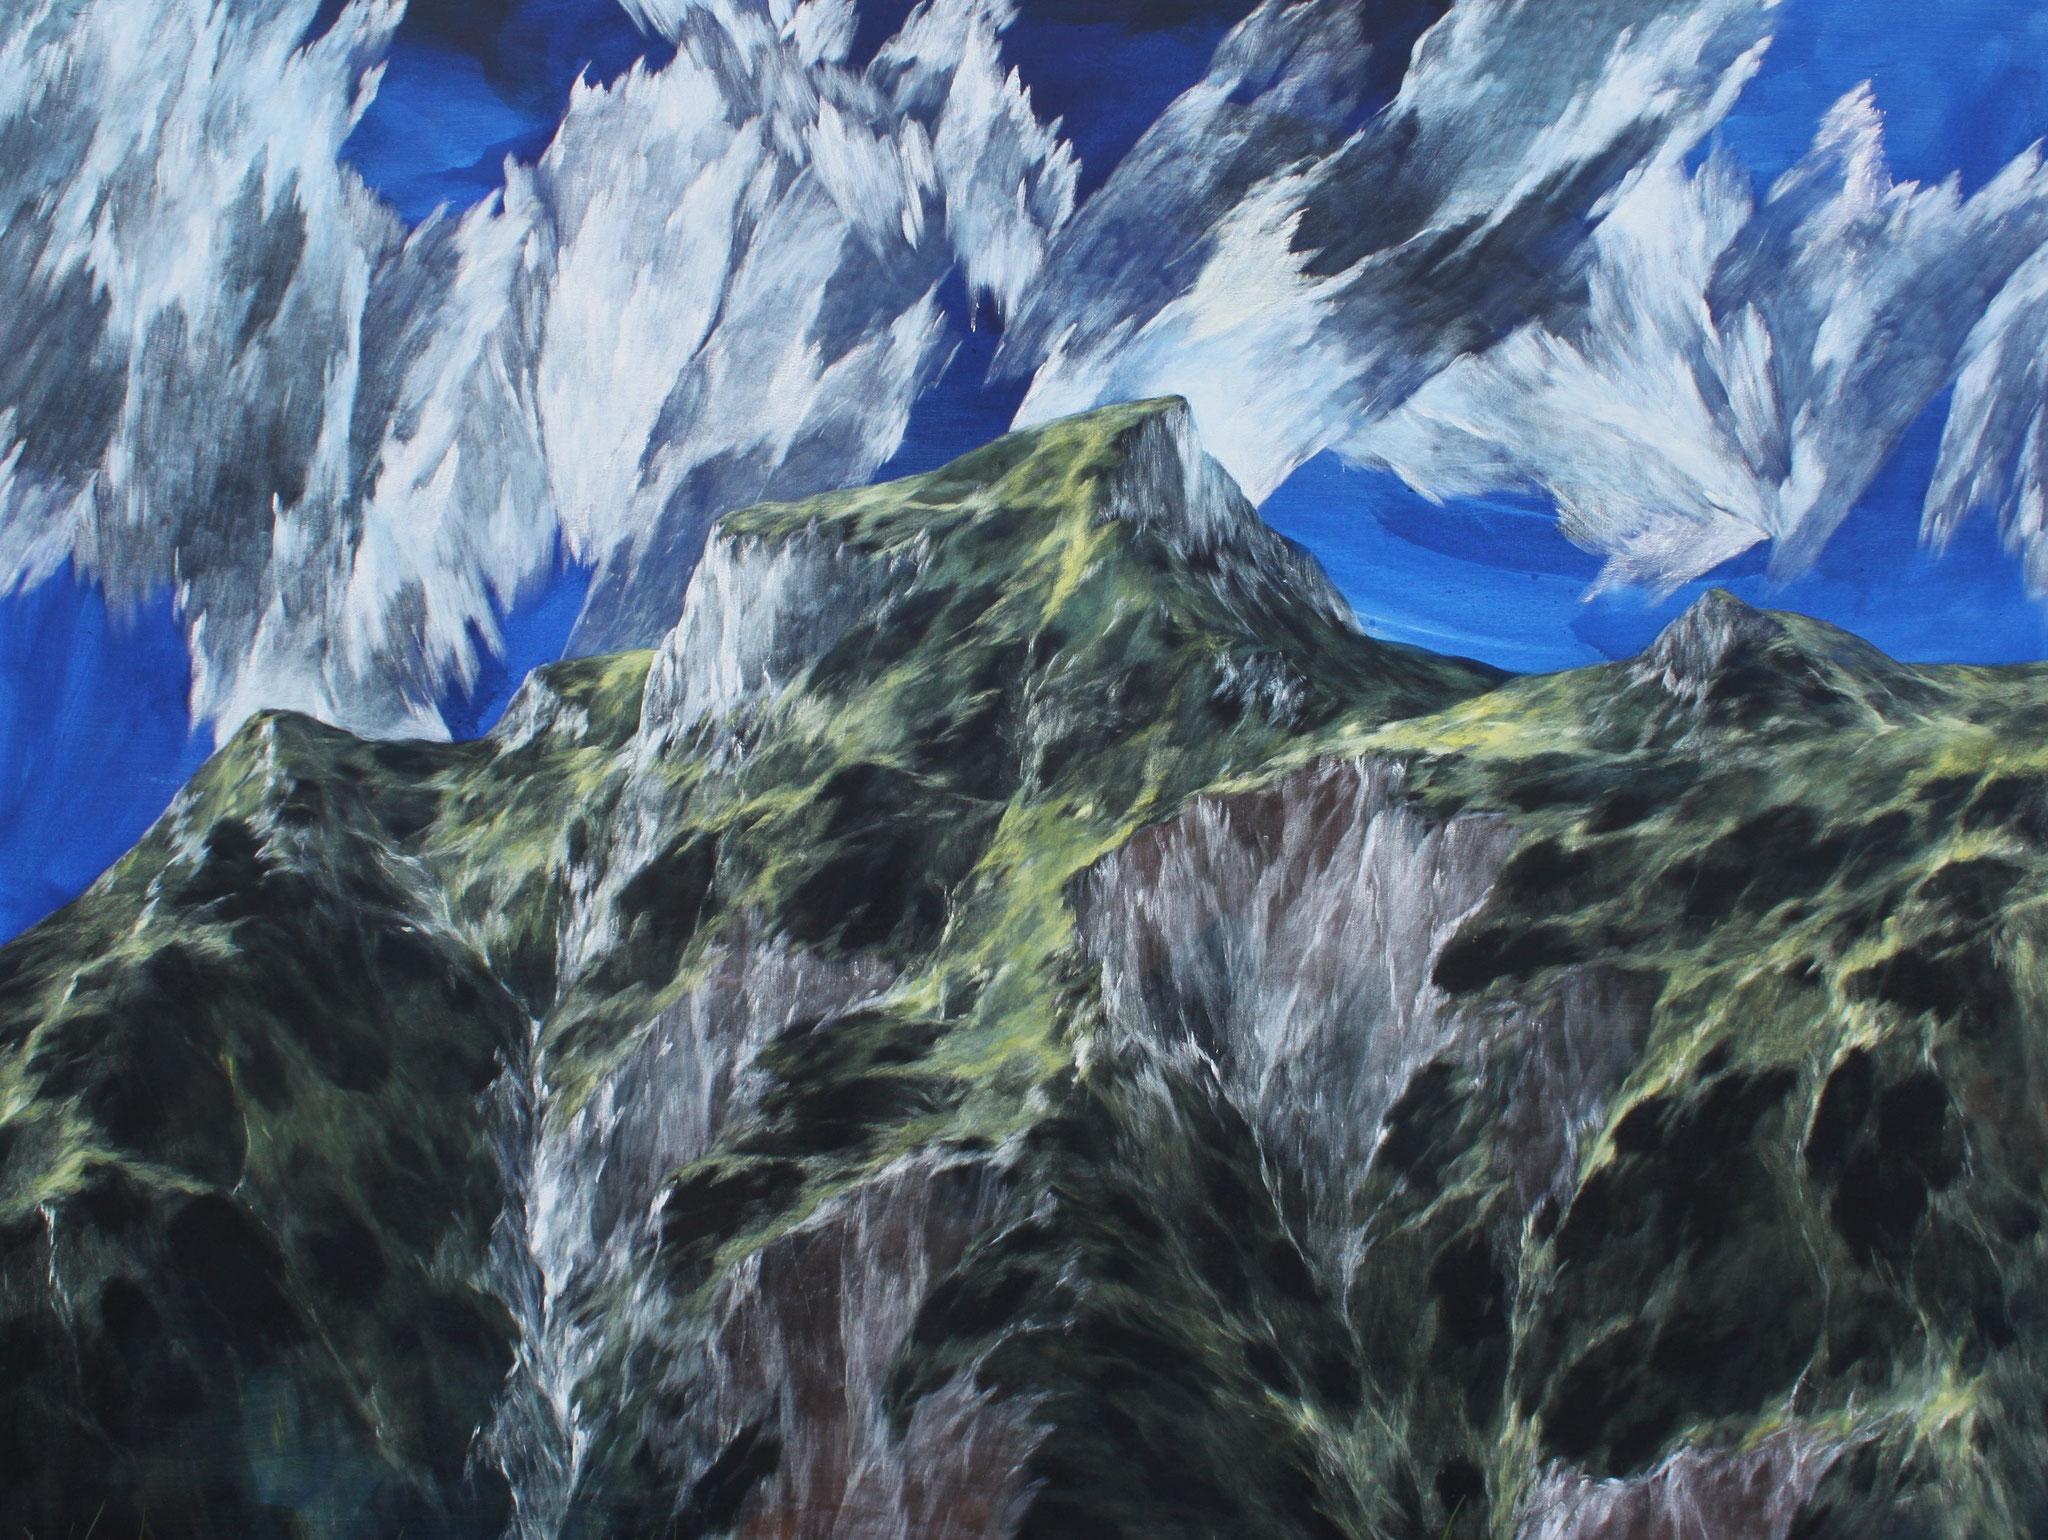 Josef Taucher, Aufwind 21, 2015, Öl/Molino, 180 x 150 cm © Josef Taucher